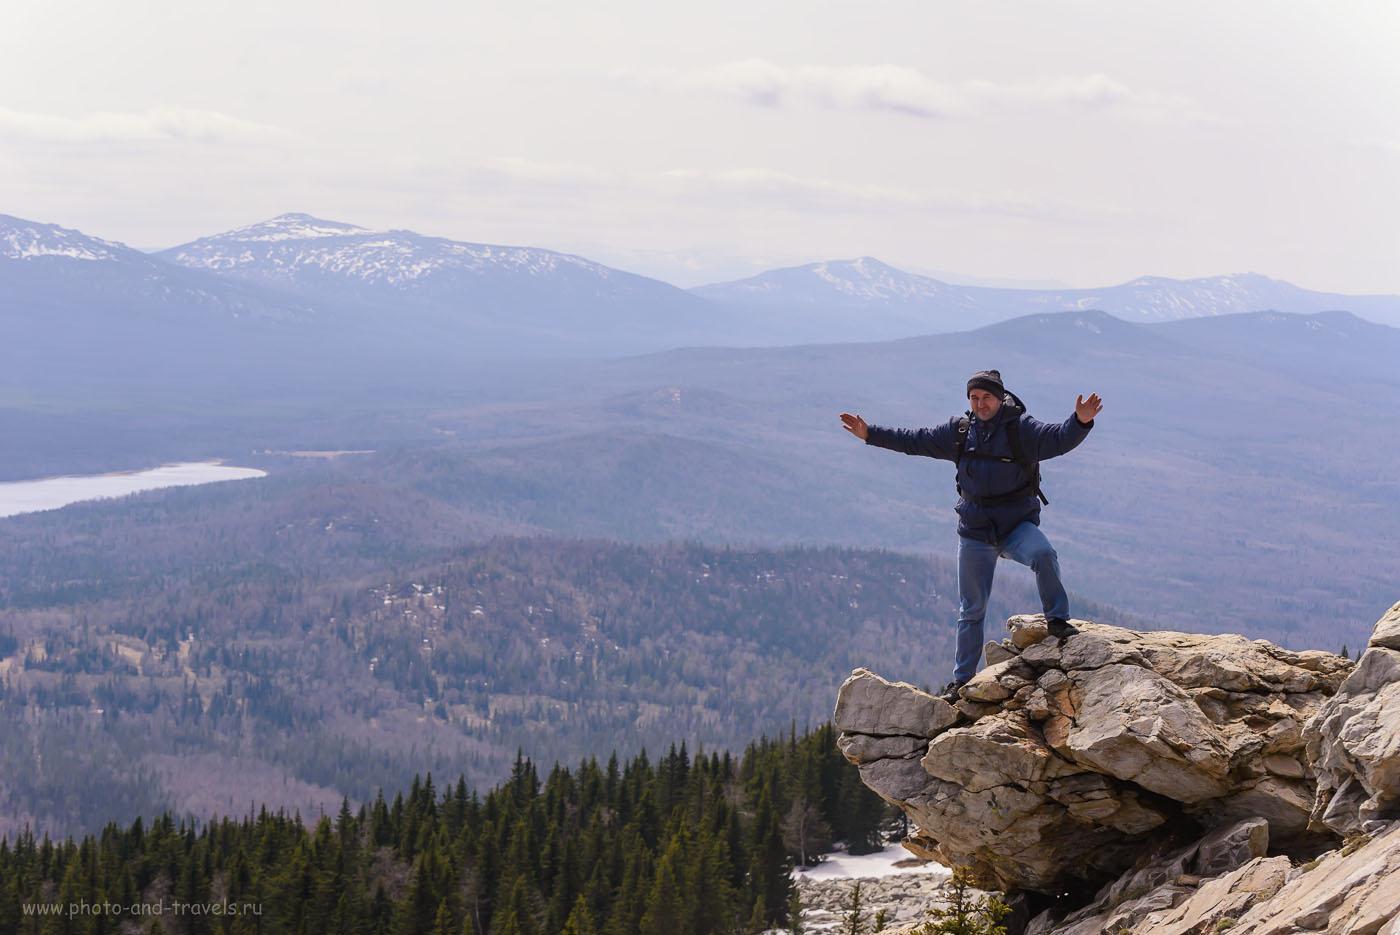 Фото 7. У вершины хребта Зюраткуль. Если не ошибаюсь, сзади – хребет Нургуш (высота 1406 метров).  Рассказ о путешествии на авто по Челябинской области. 1/1250, 8.0, 400, 92.